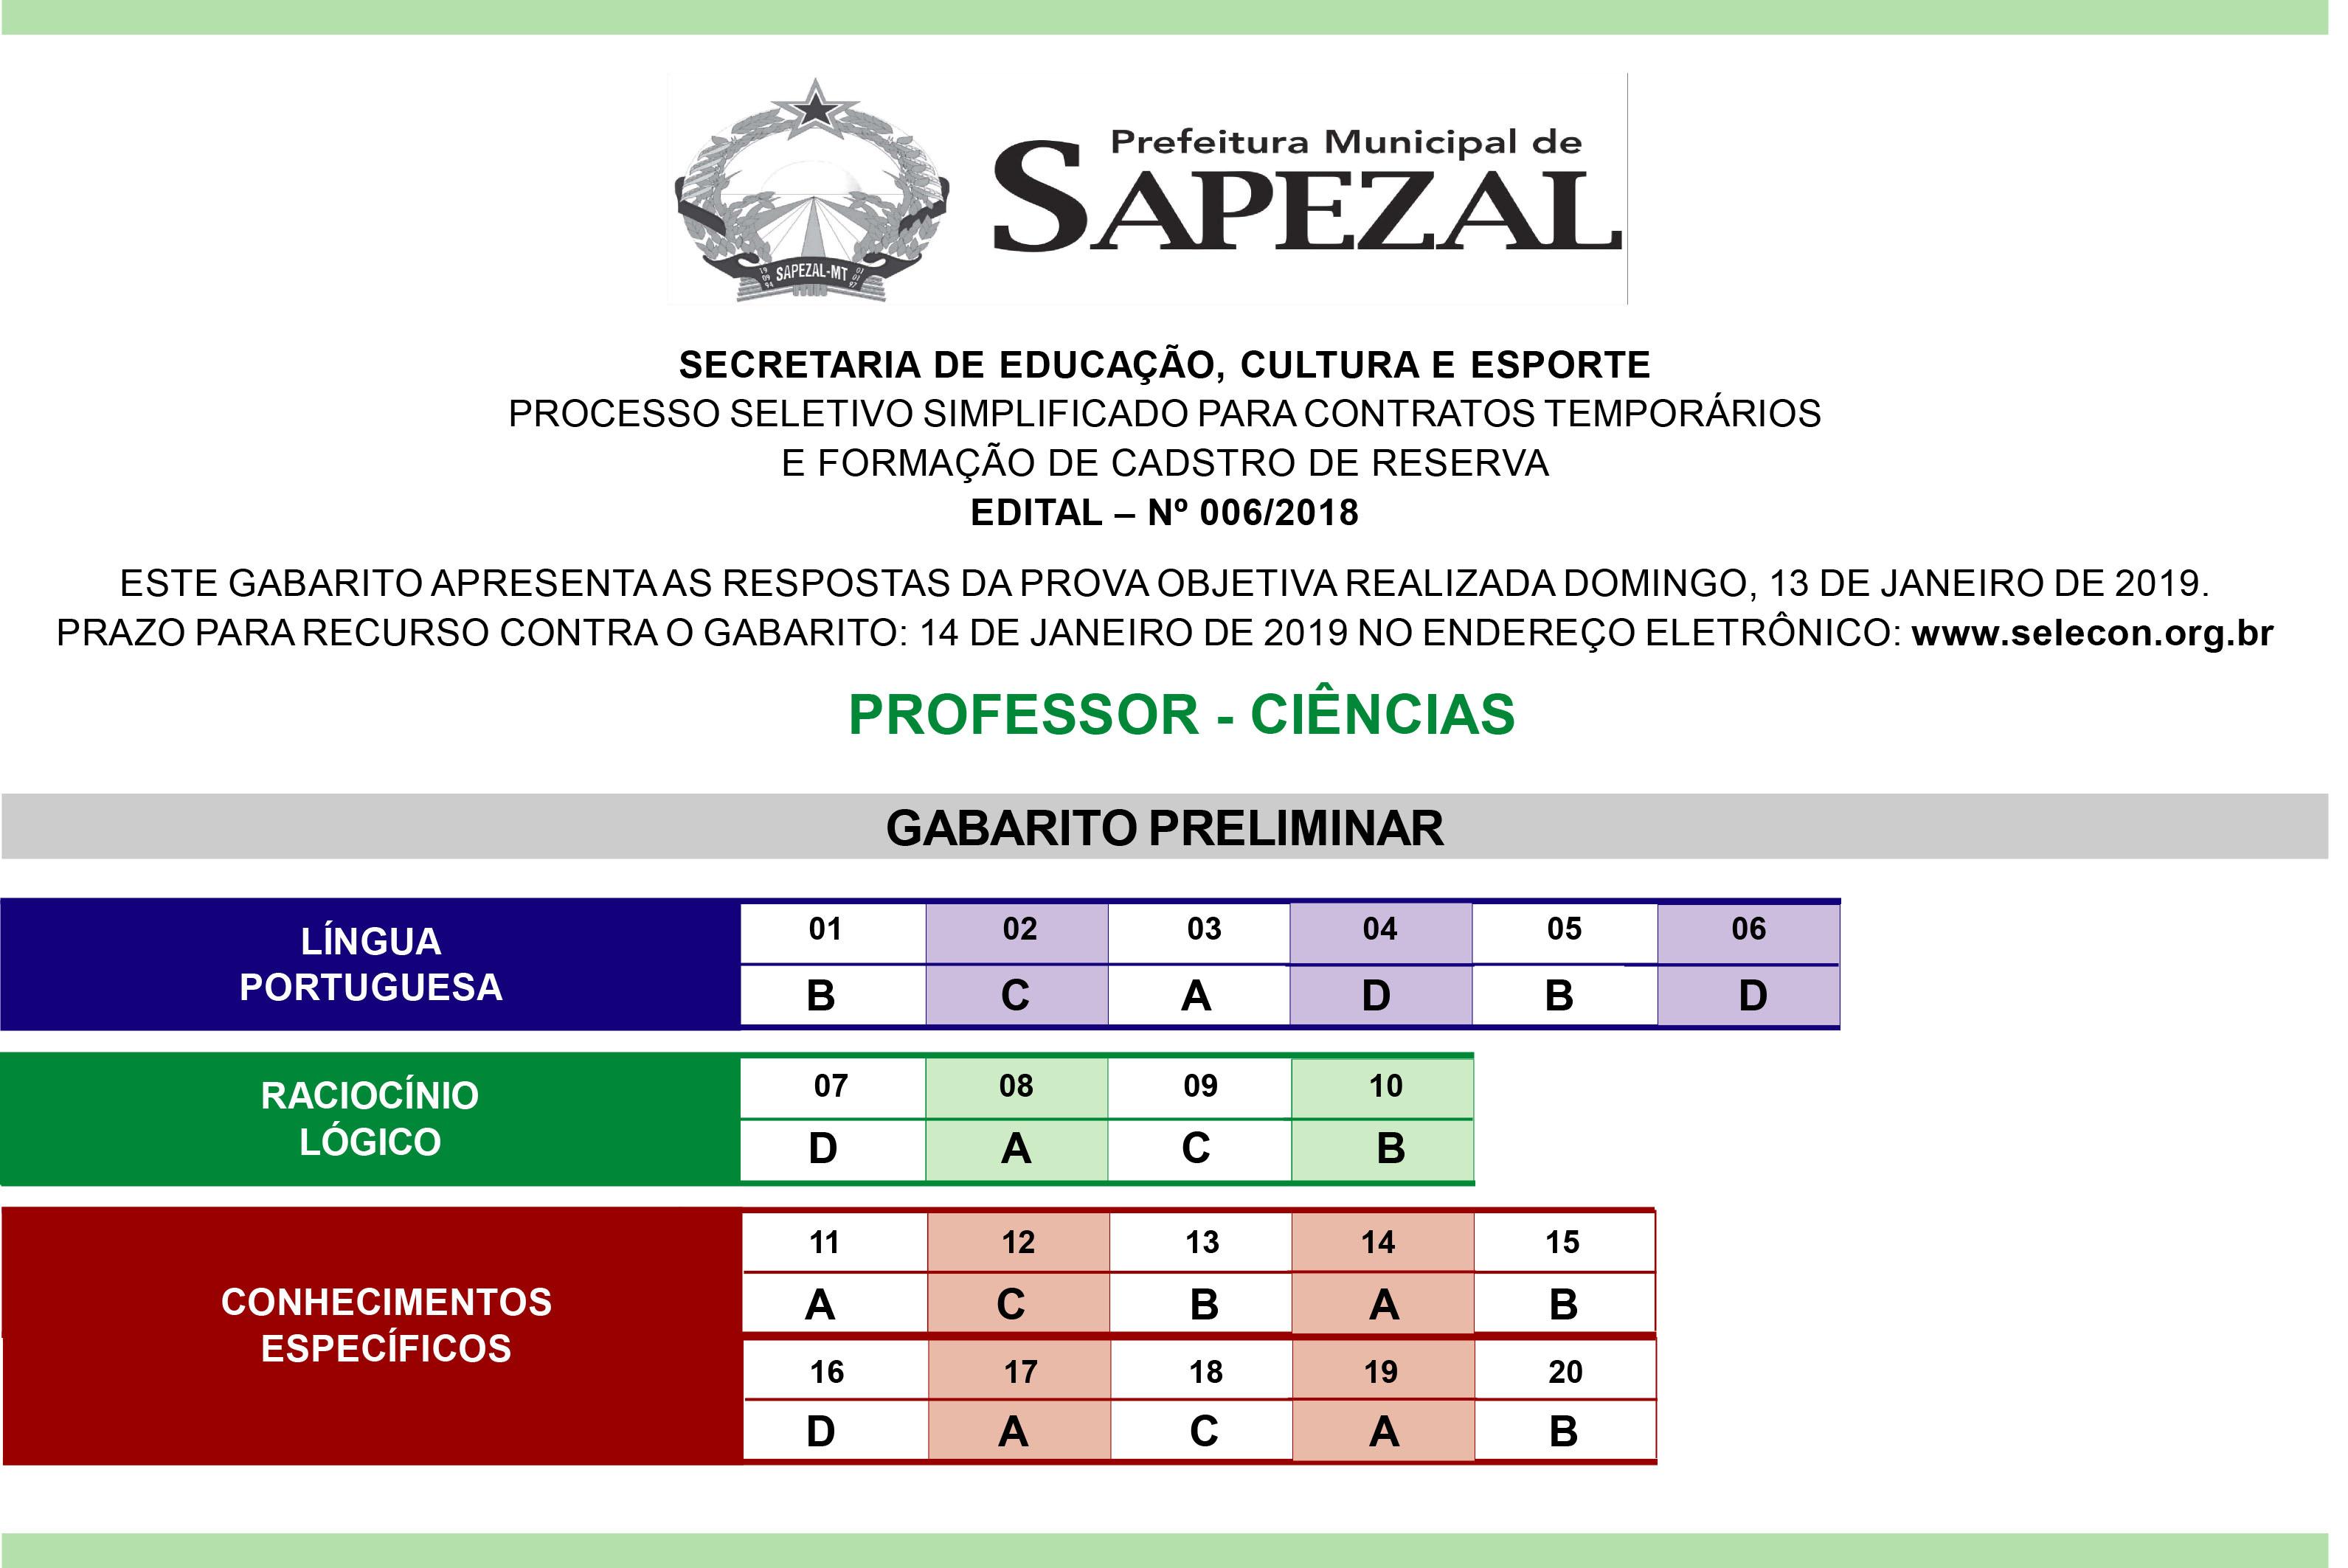 Gabarito_PROFESSOR_CIÊNCIAS_SAPEZAL